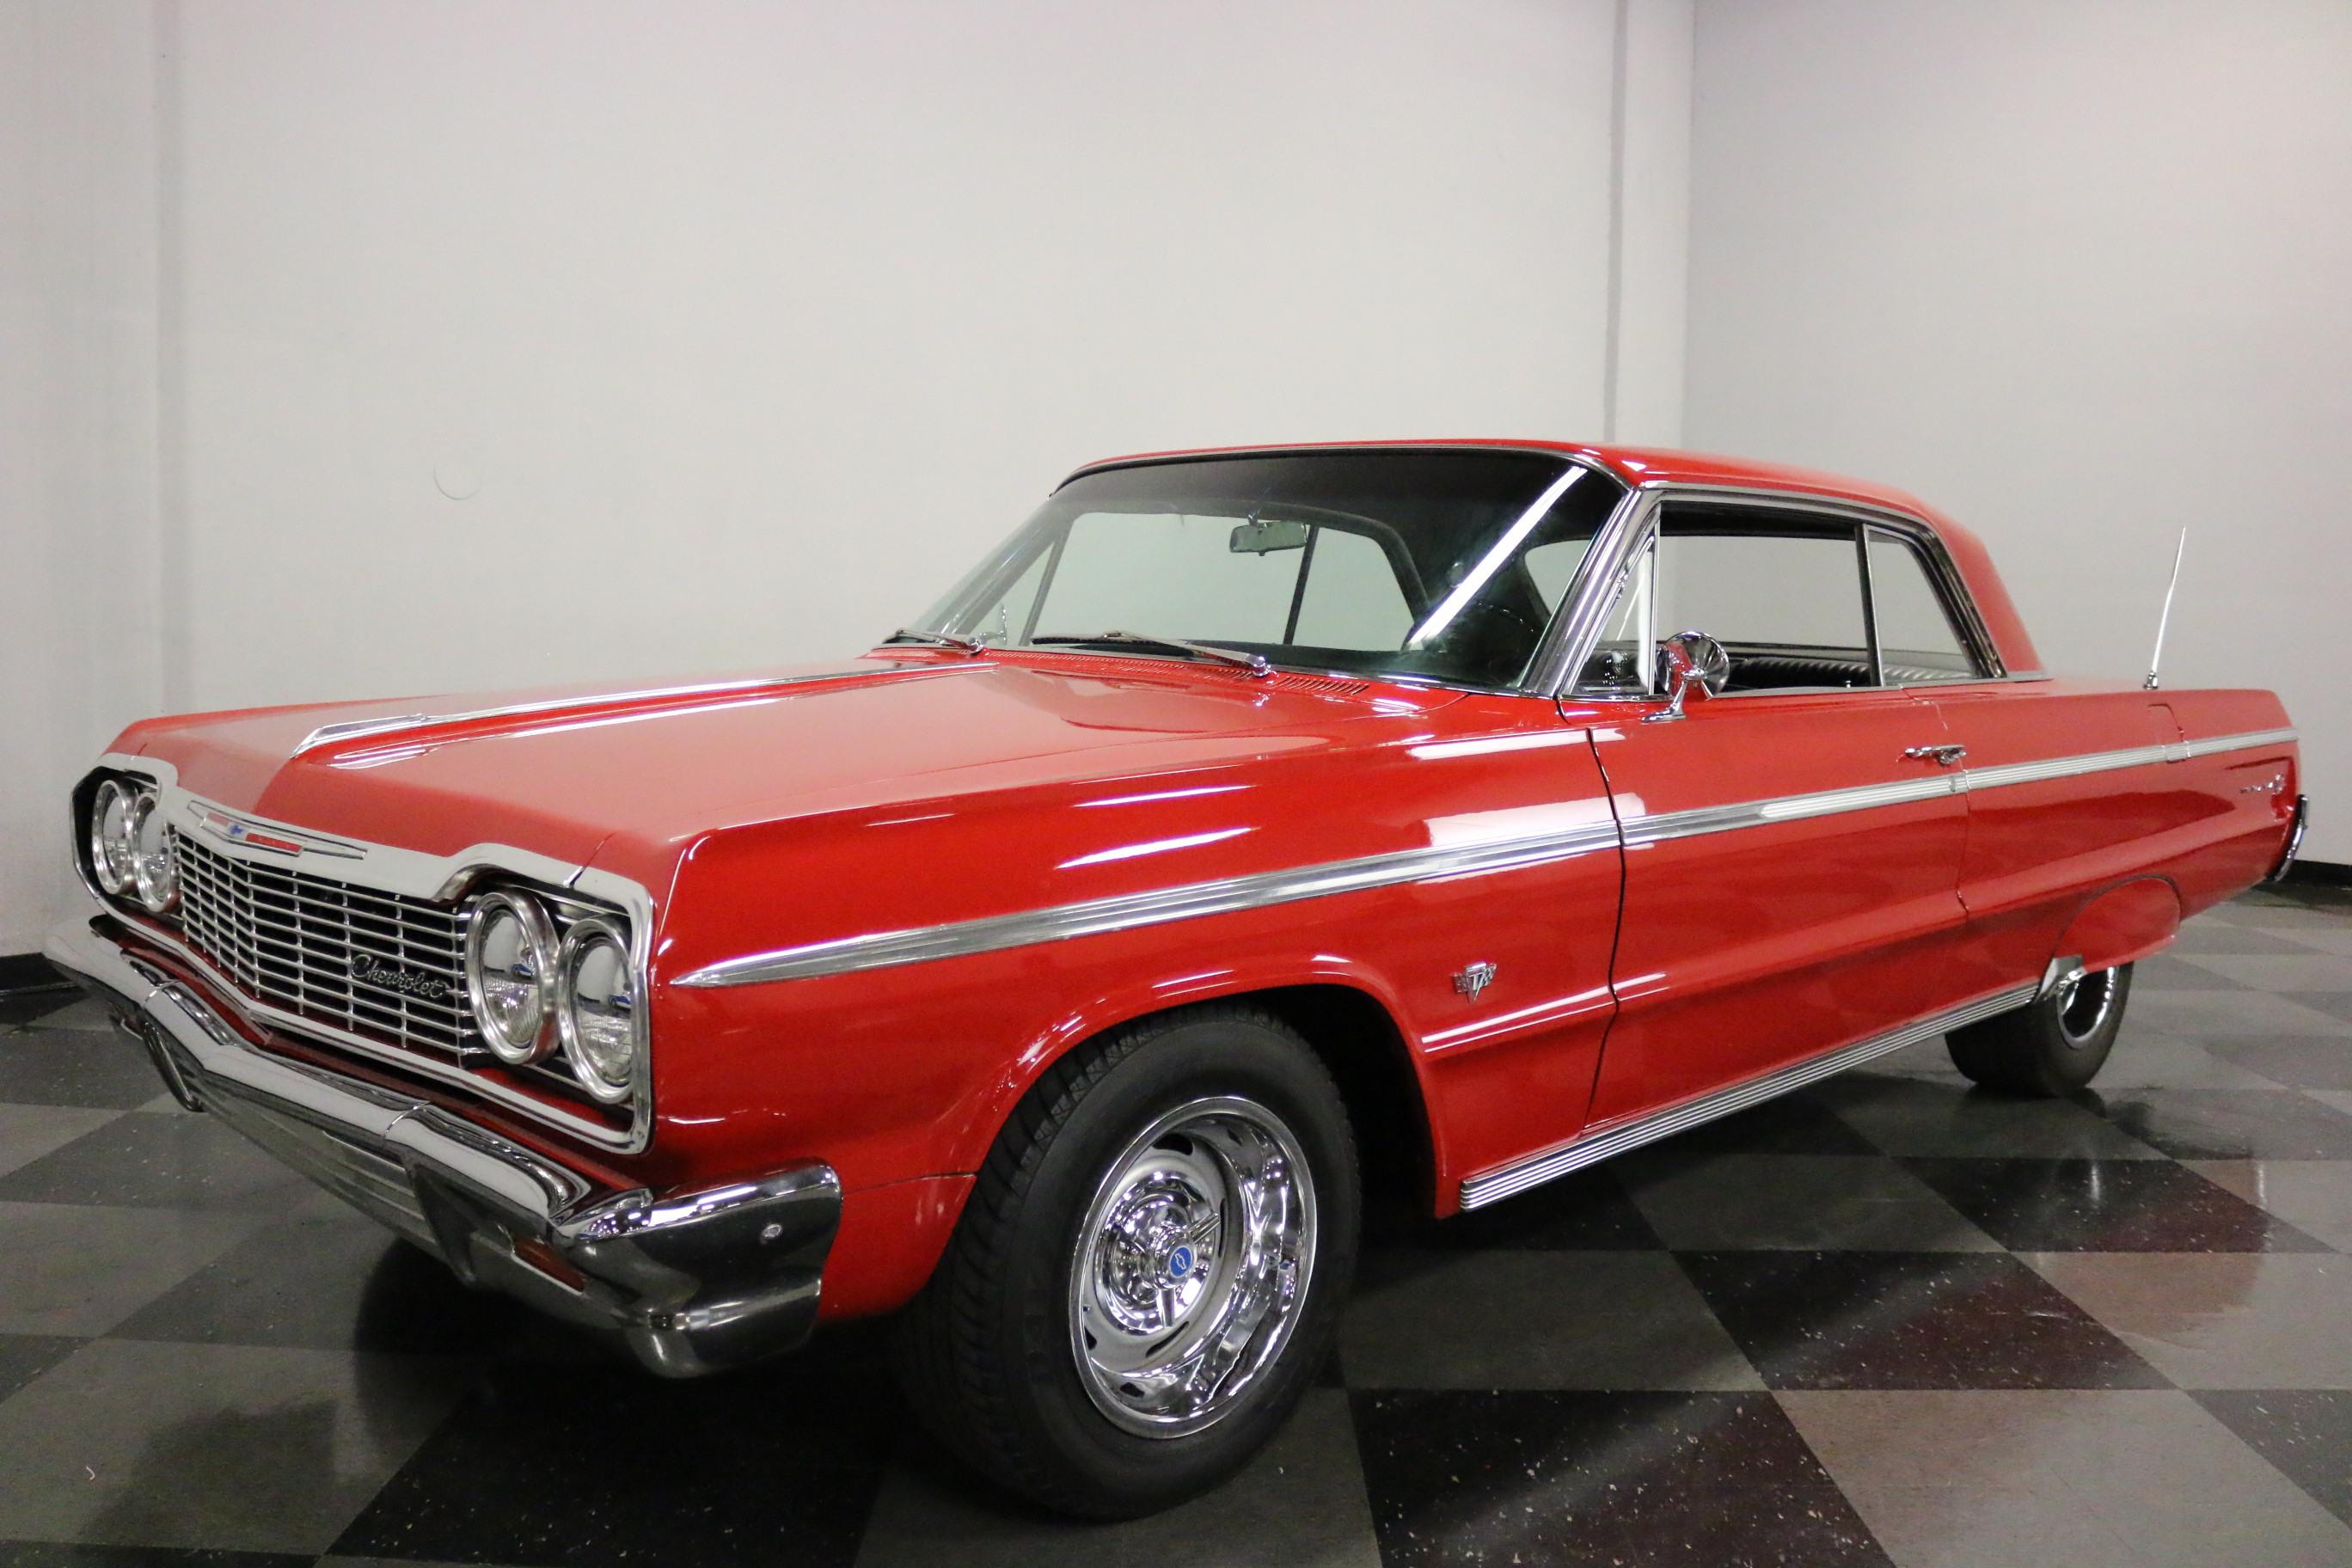 1964 Chevrolet Impala SS 409 | eBay